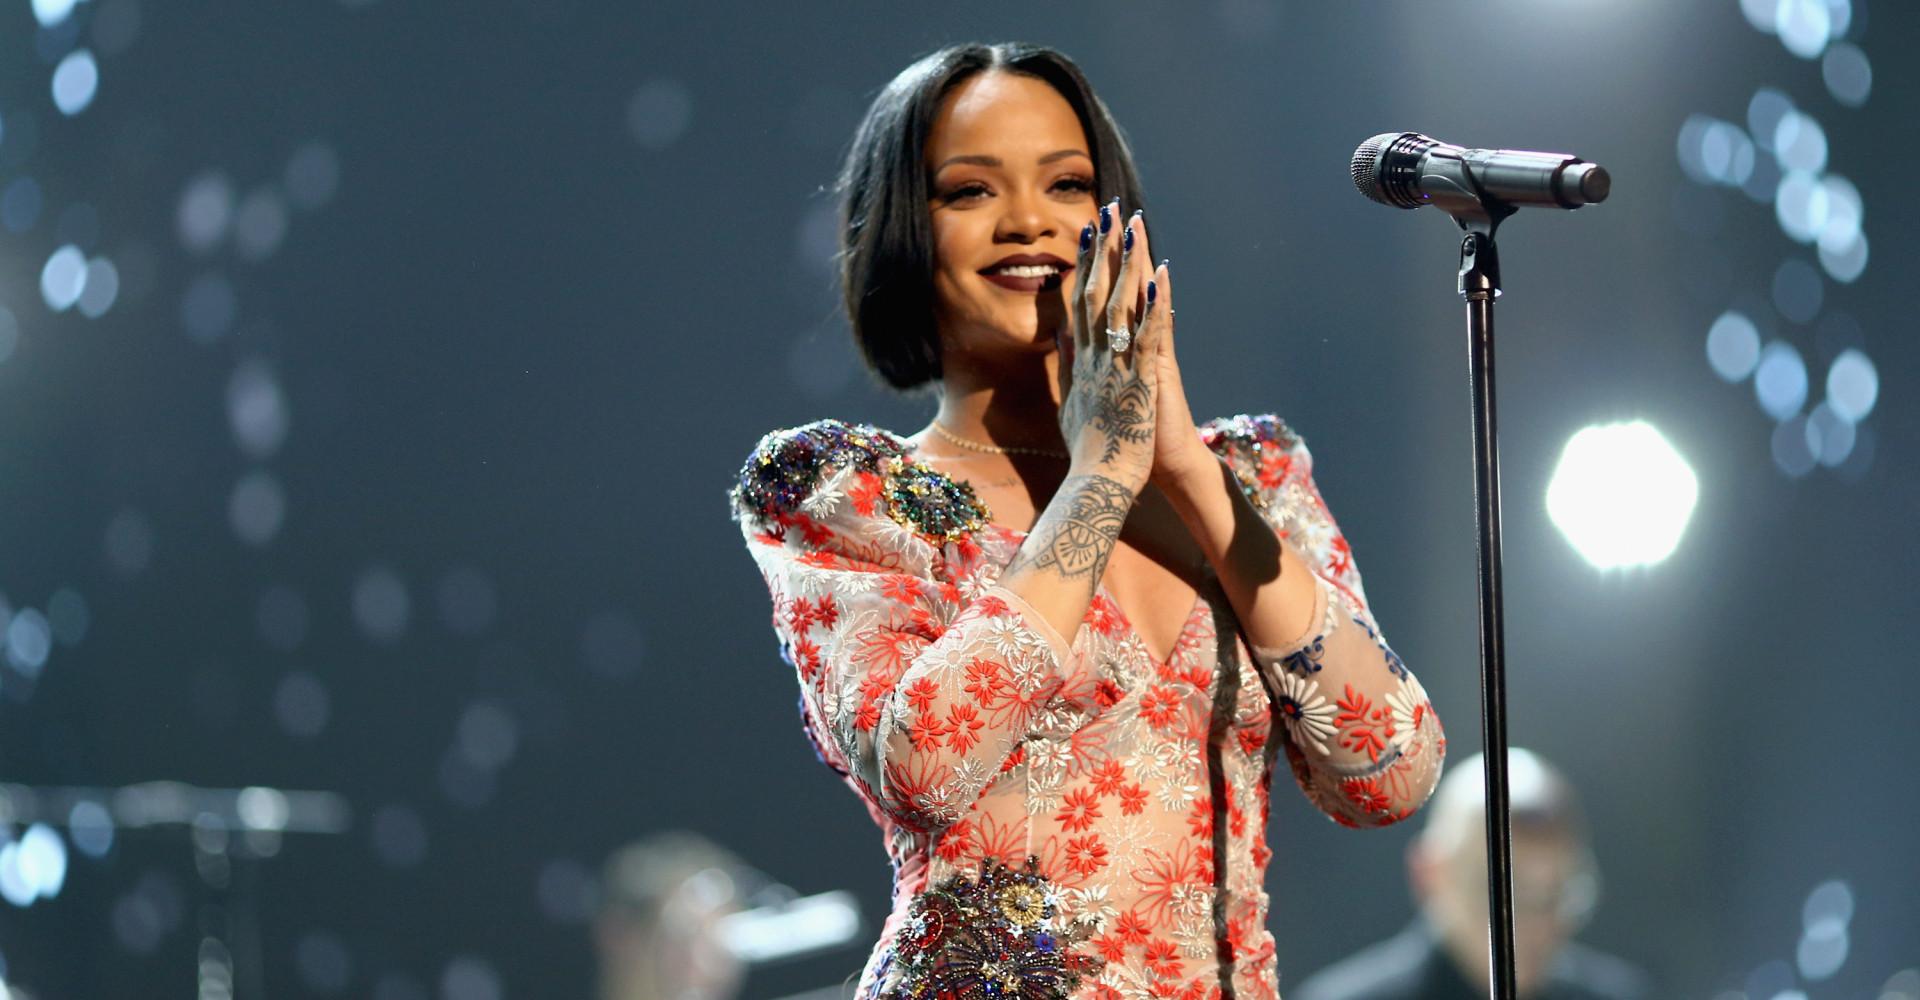 Wish Rihanna a happy birthday with this new Fenty Beauty product